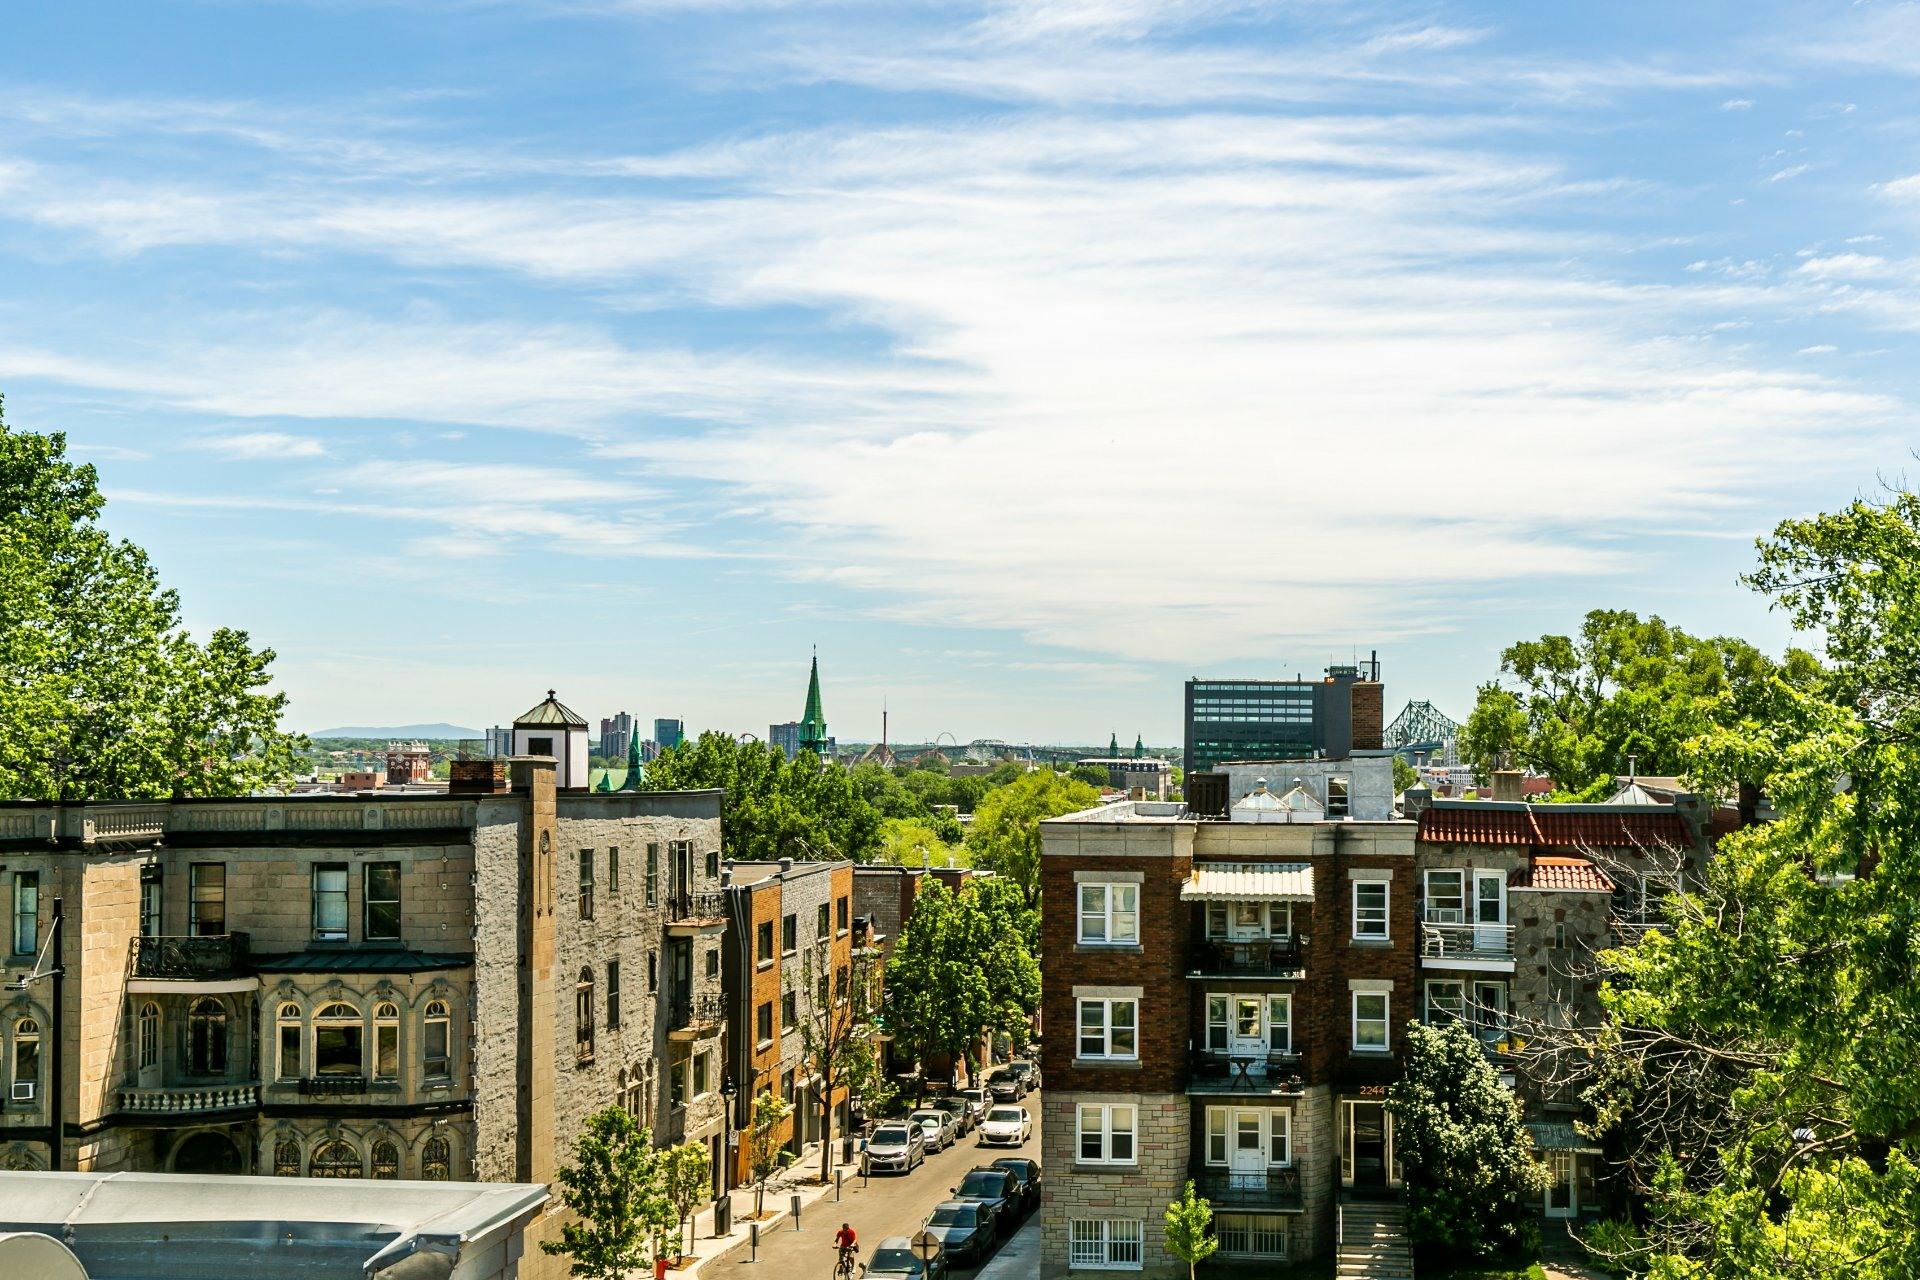 image 17 - Appartement À vendre Le Plateau-Mont-Royal Montréal  - 6 pièces